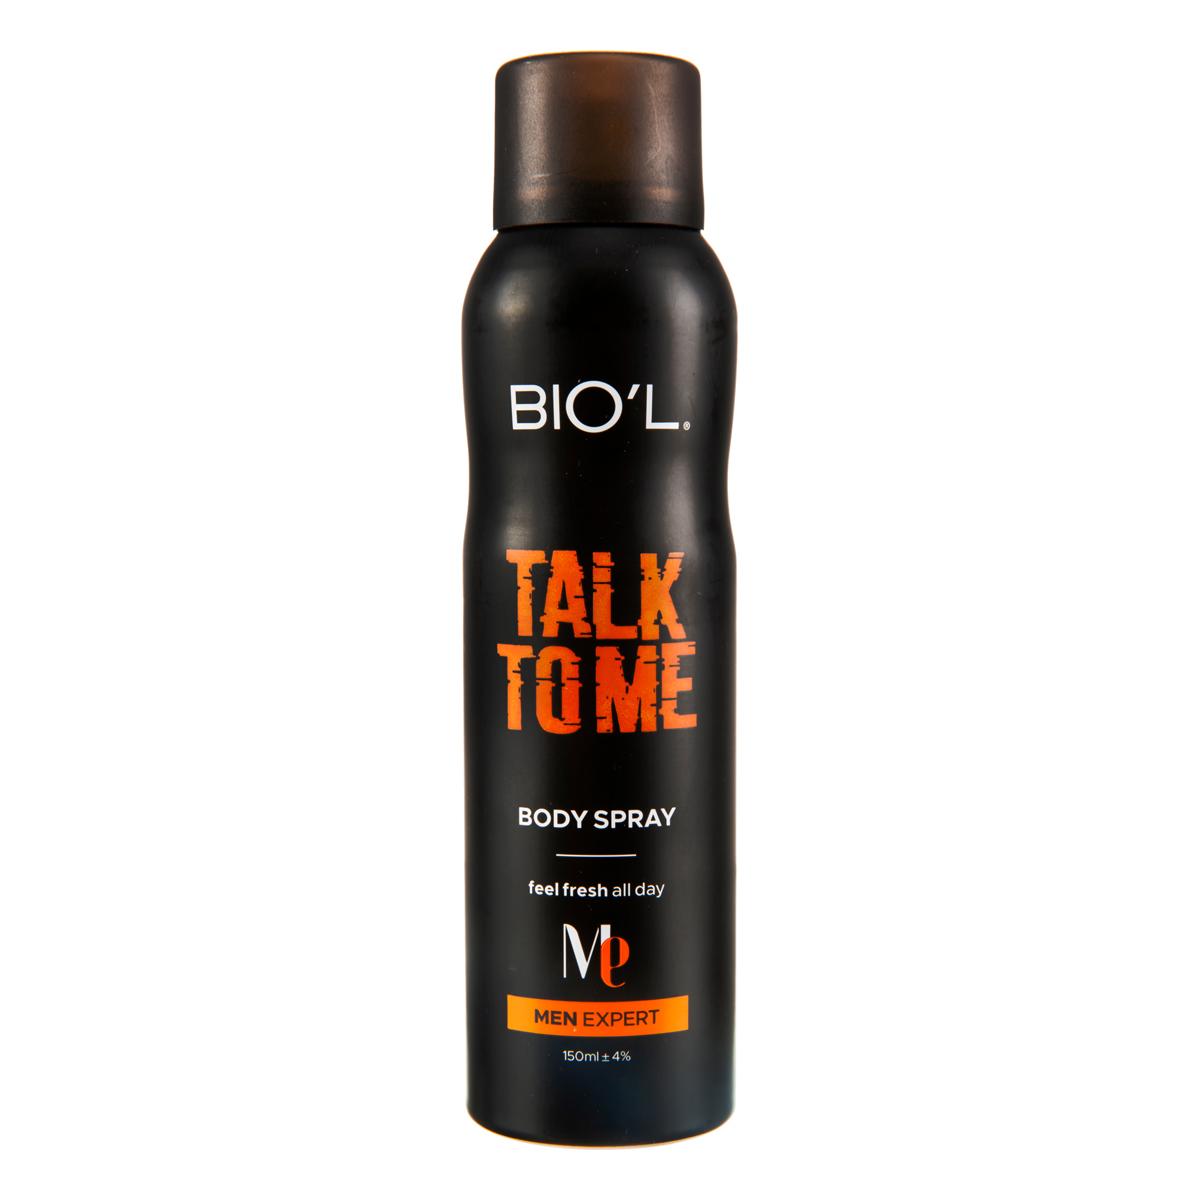 اسپری خوشبو کننده بدن مردانه بیول مدل TALK TO ME حجم 150 میلی لیتر